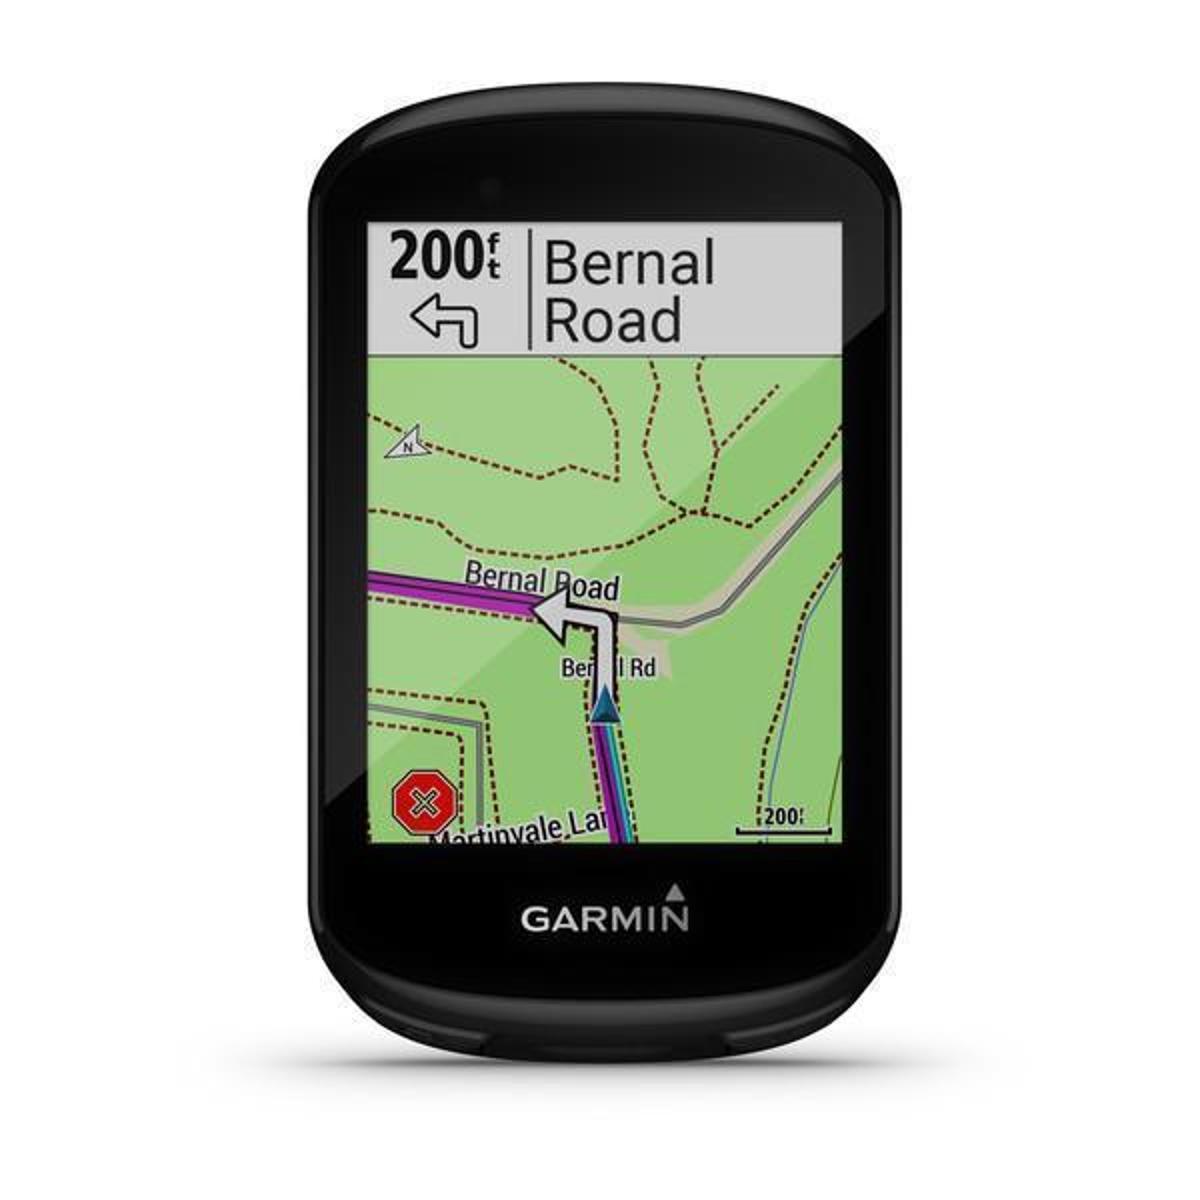 Ciclocomputador com GPS Garmin Edge 830 - Preto   Netshoes